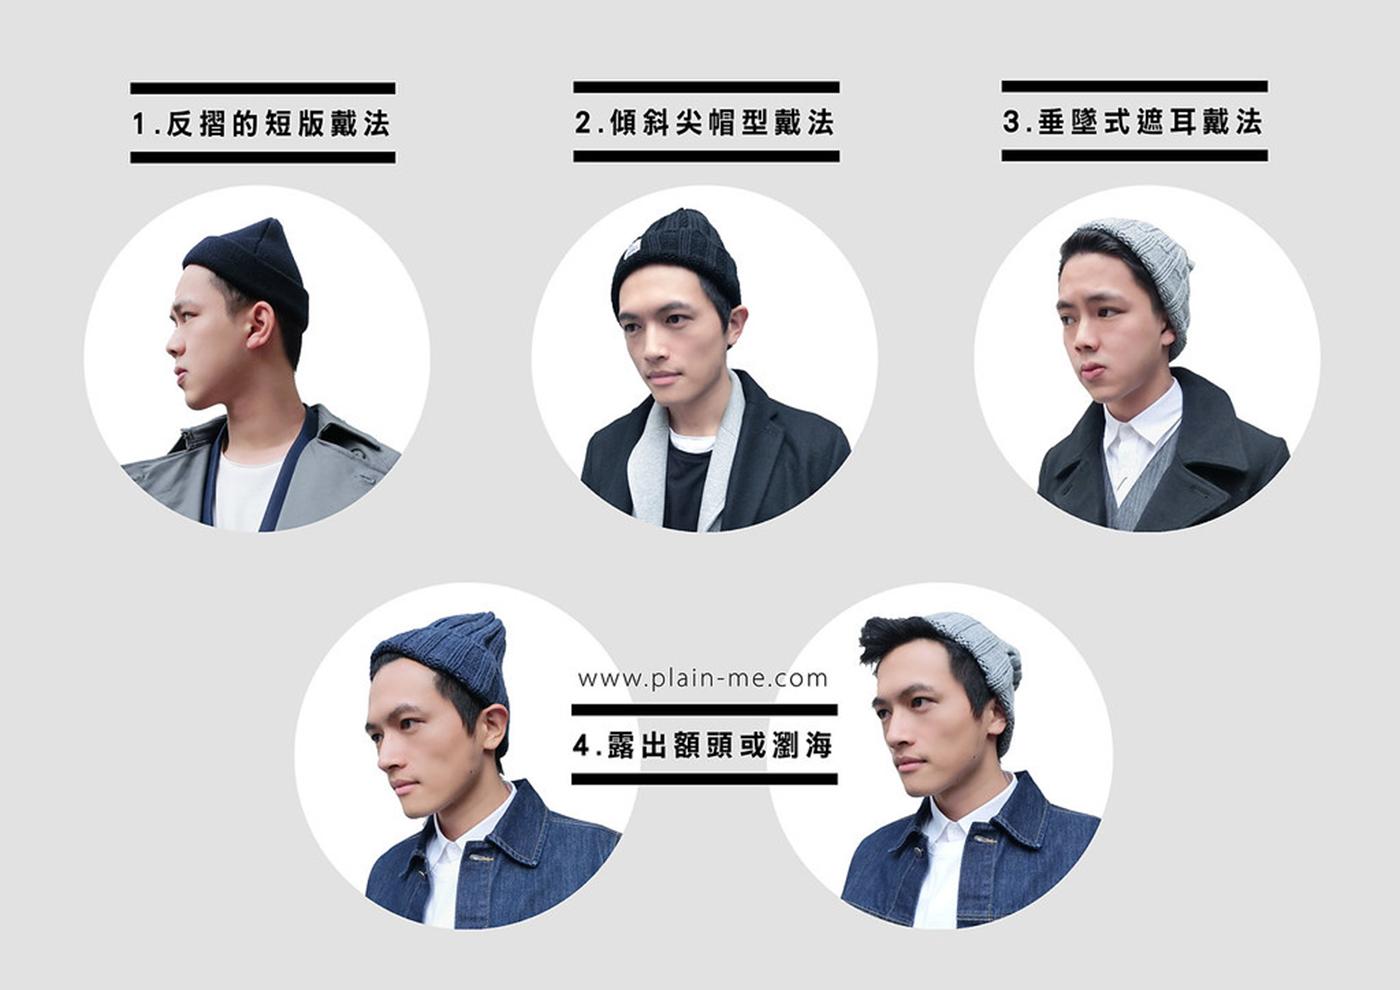 毛帽,毛帽 男,毛帽品牌,毛帽戴法,毛帽推薦,毛帽穿搭,短毛帽